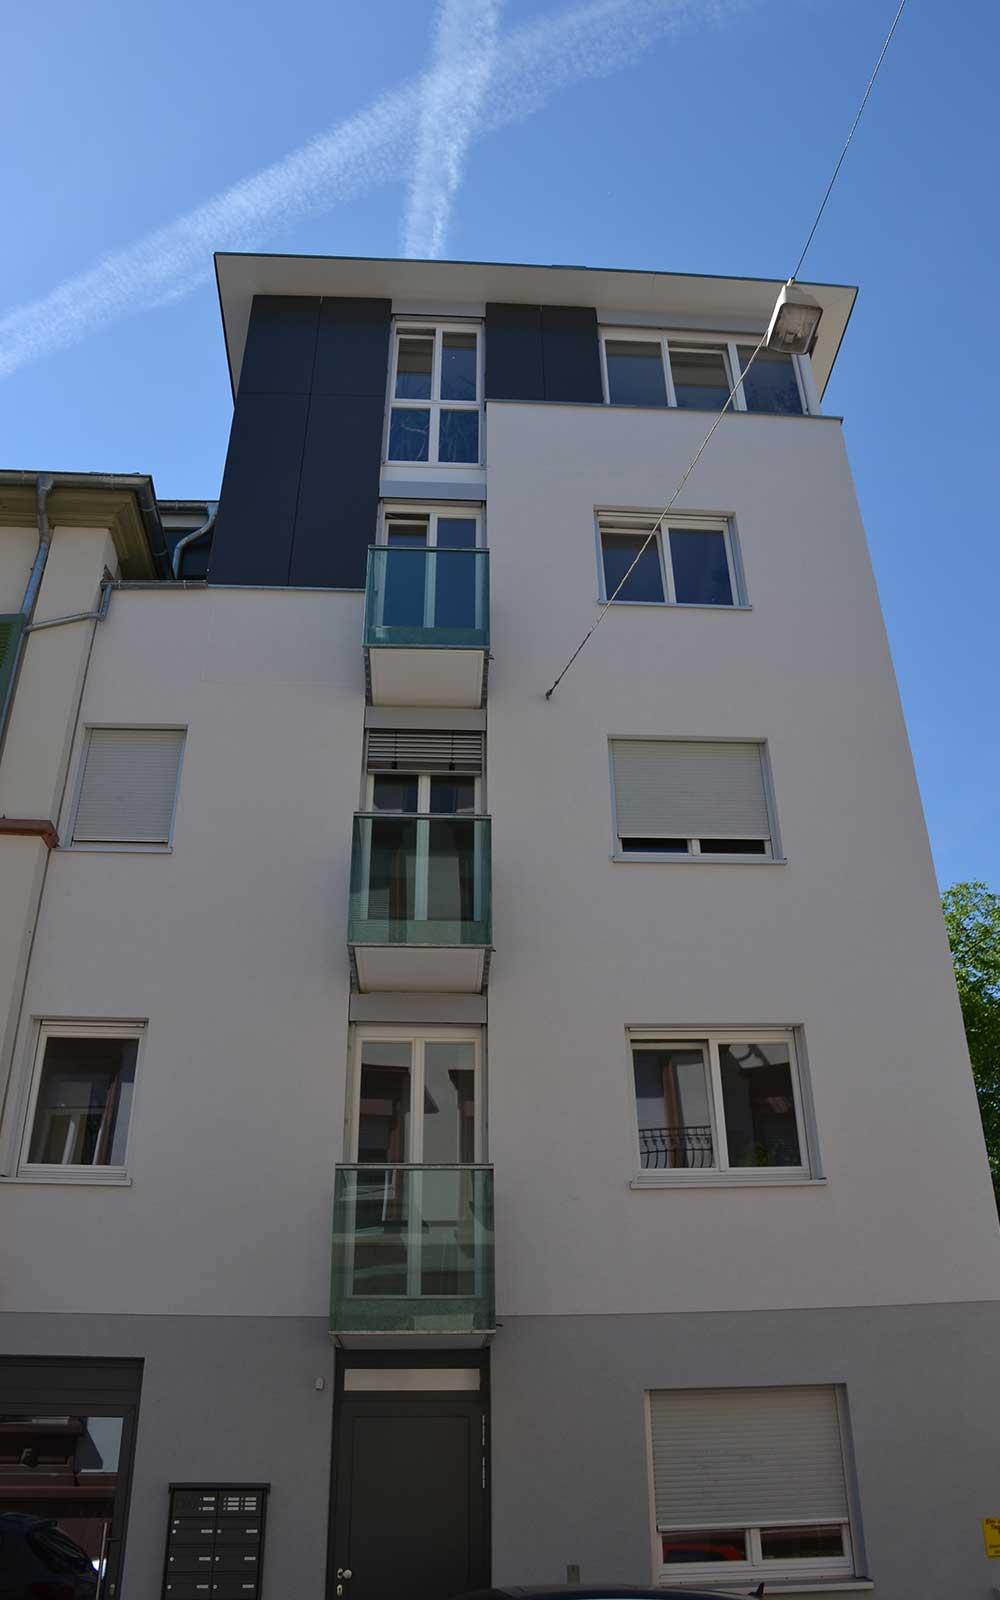 Mehrfamilienhaus in der Weststadt Heidelberg, Kochhan und Weckbach Architektur